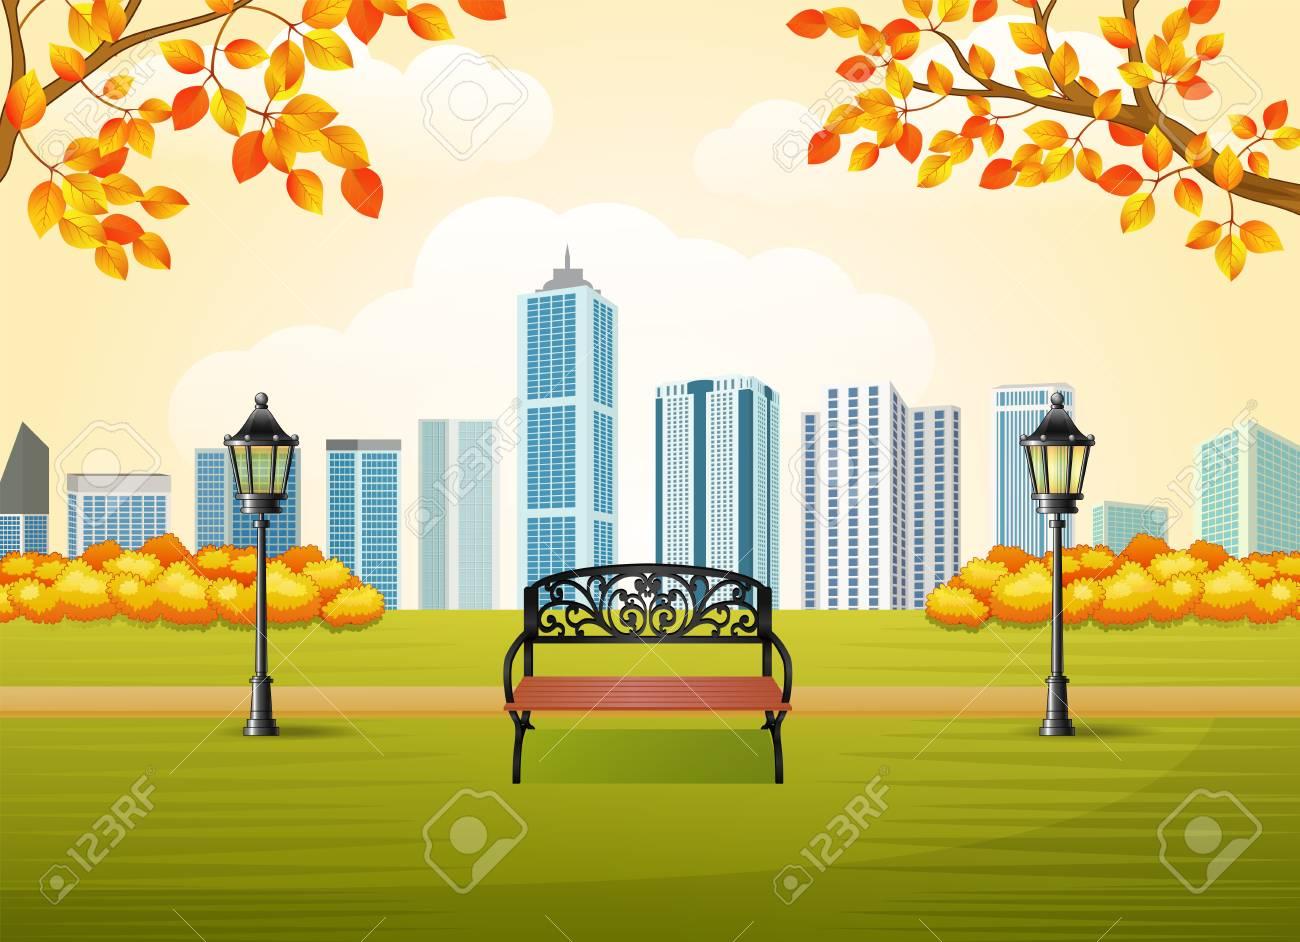 まちづくりの背景と美しい秋の都市公園のベクター イラストですの